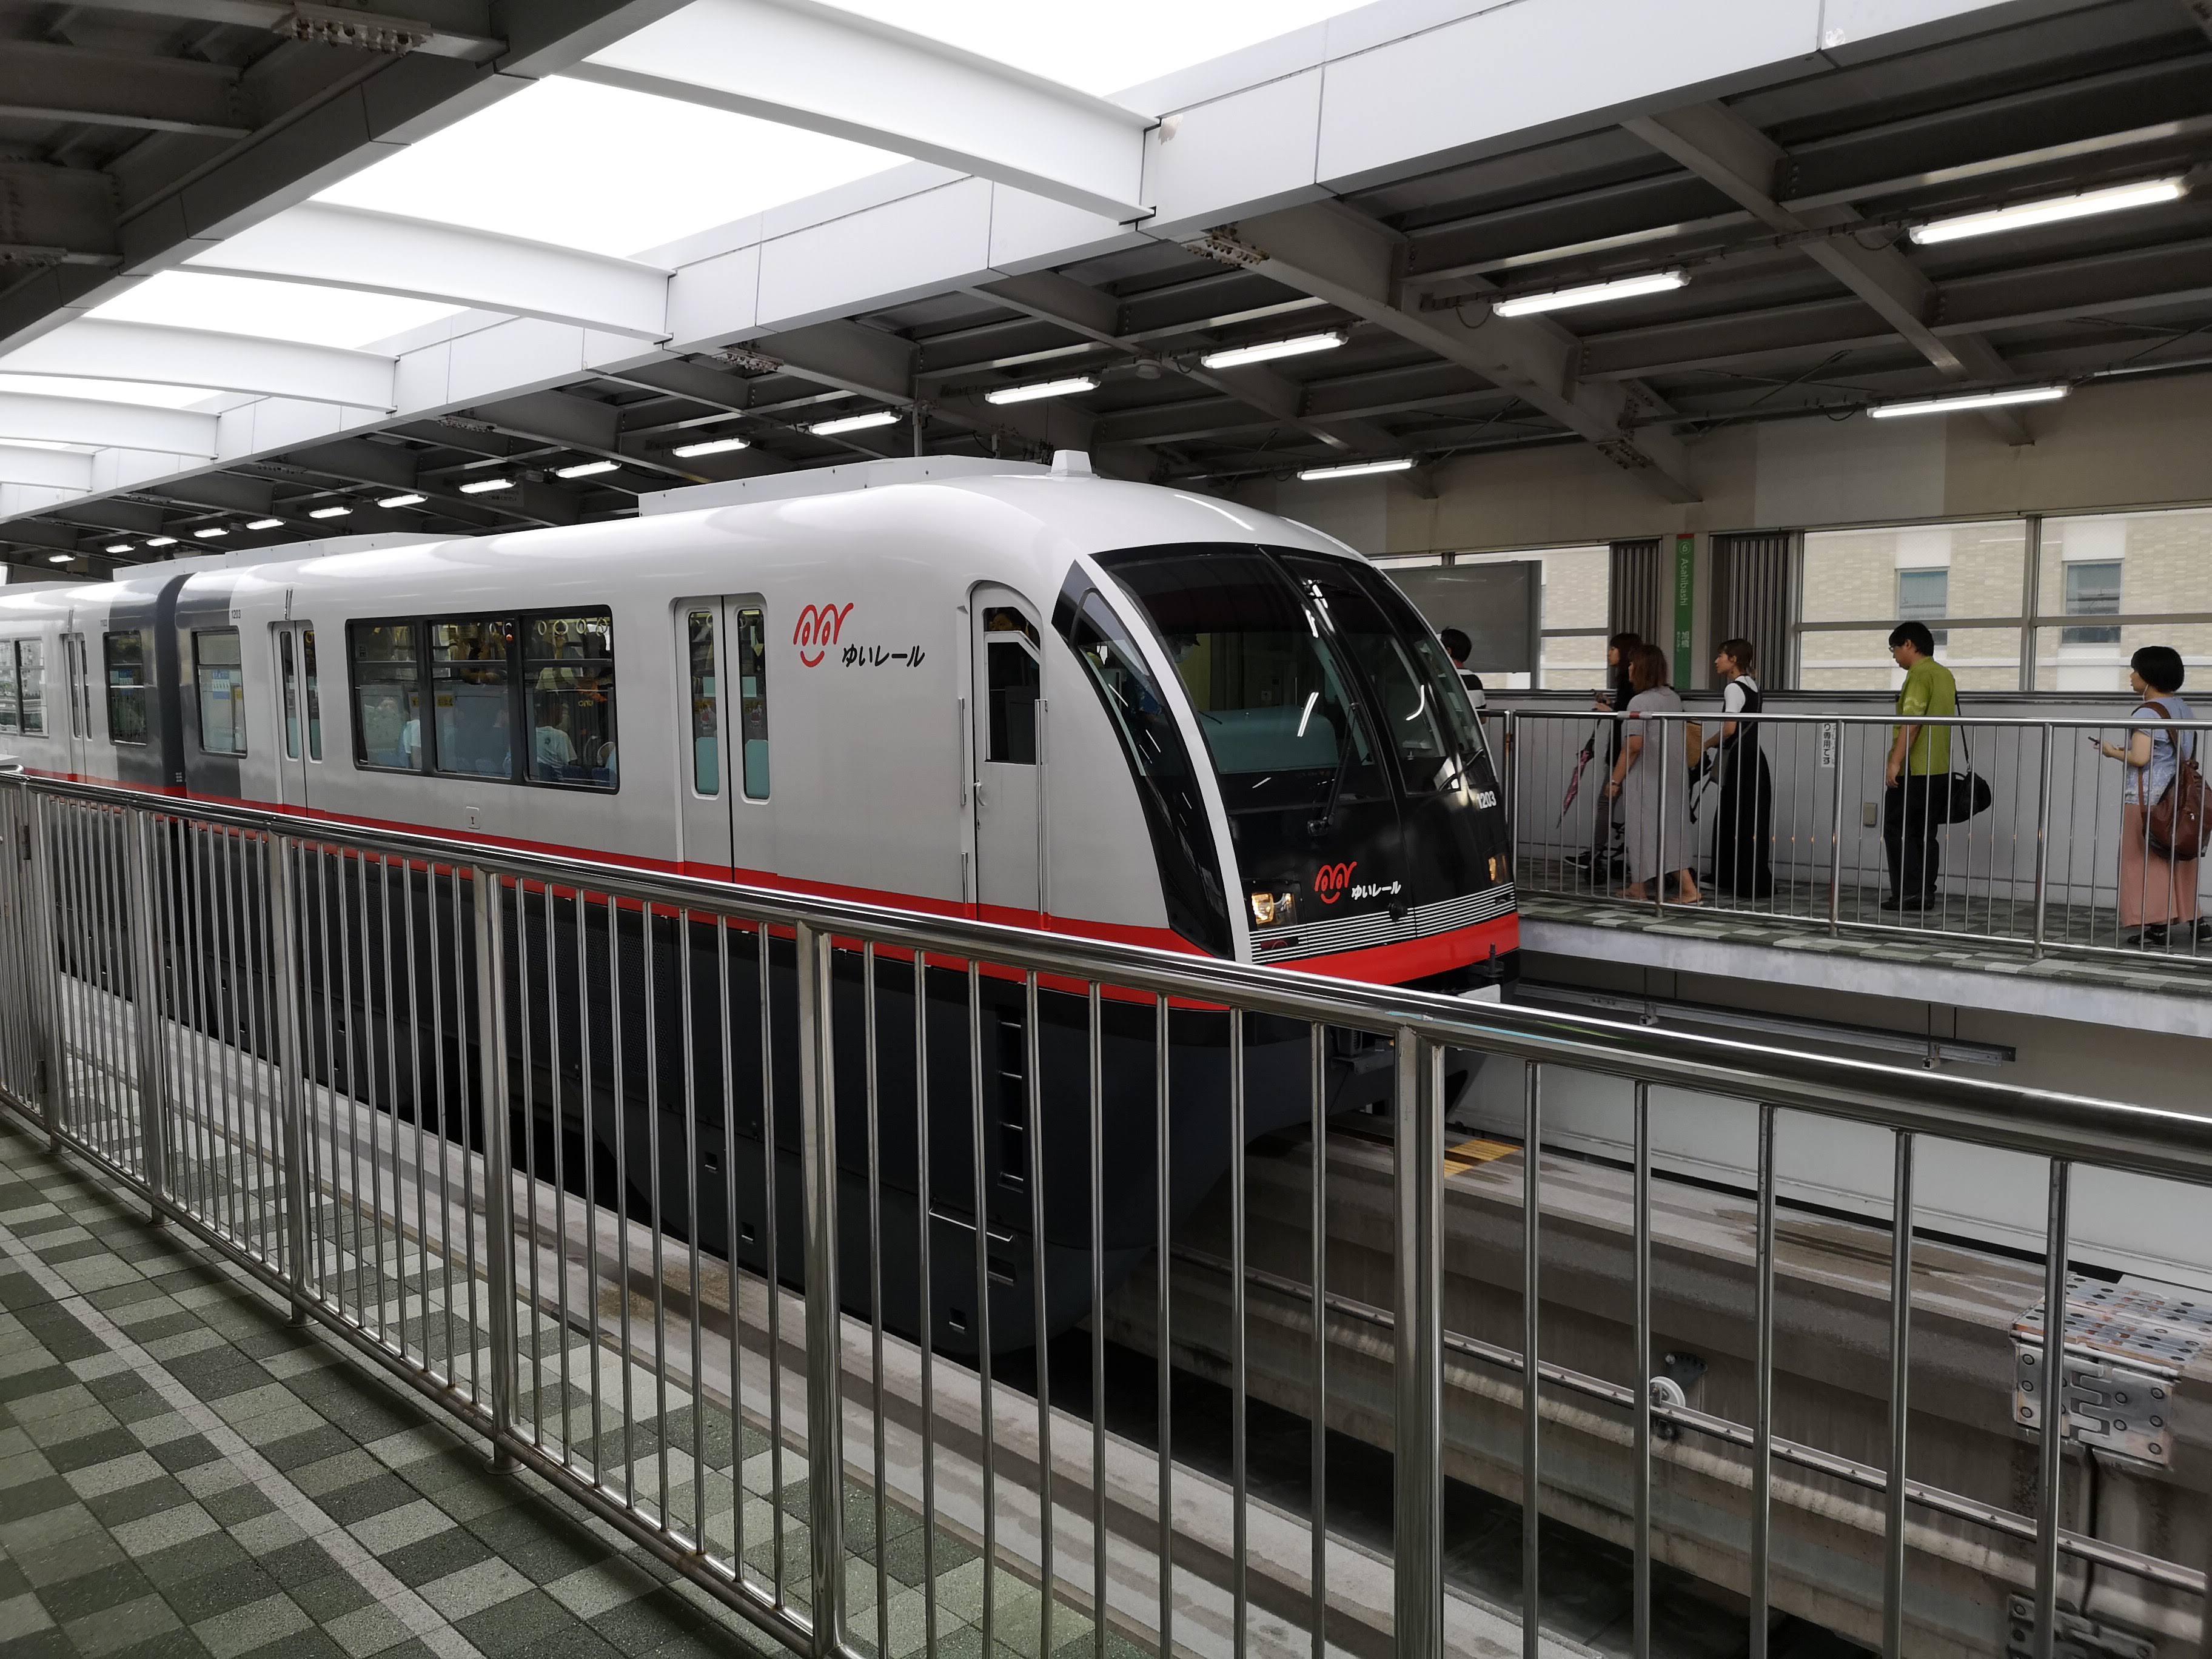 沖縄都市モノレール「ゆいレール」が2020年春からSuica等の交通系ICカードに対応!